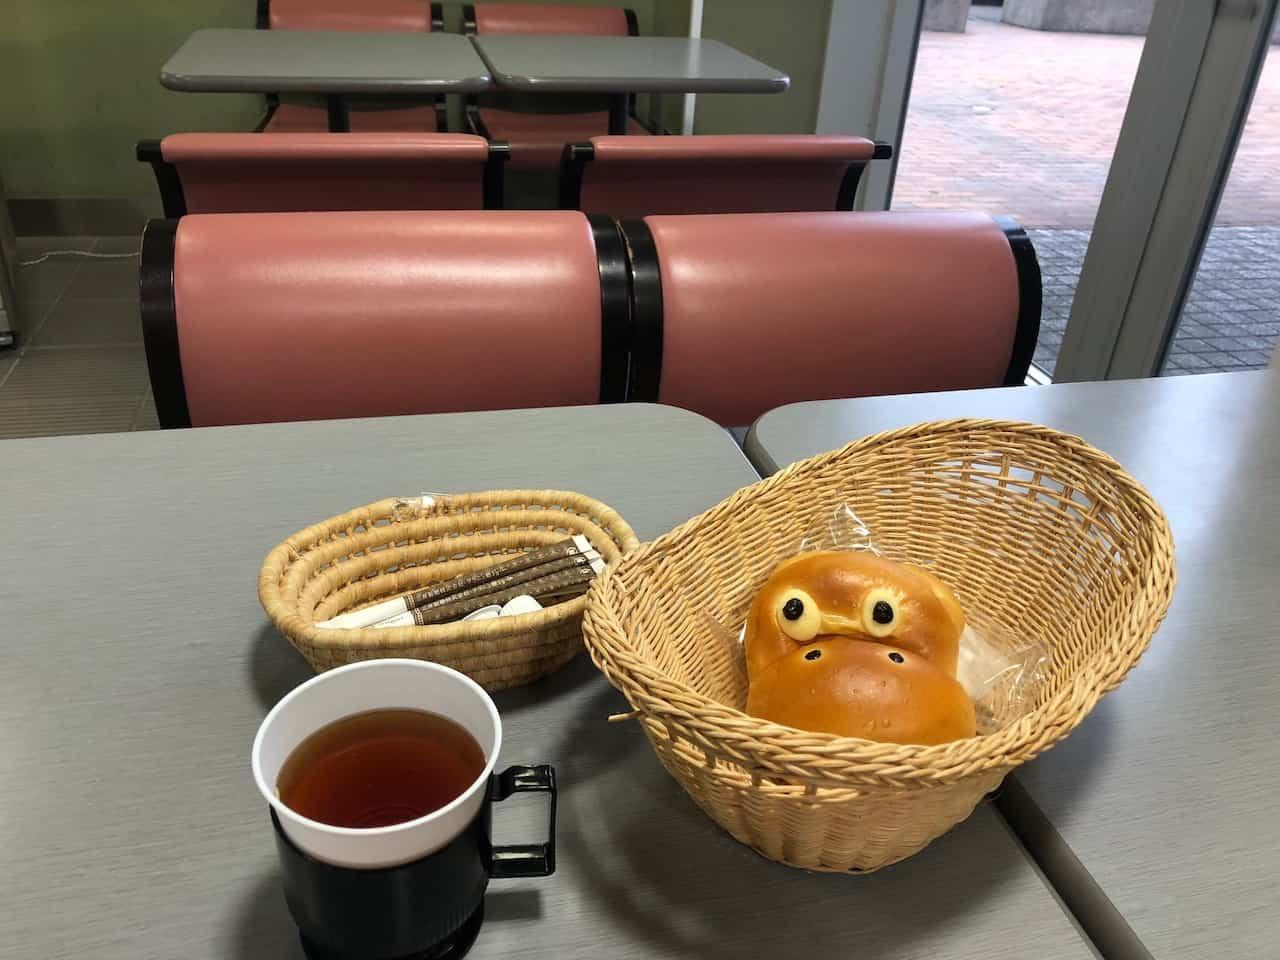 かしわハンズのかばのパンと紅茶